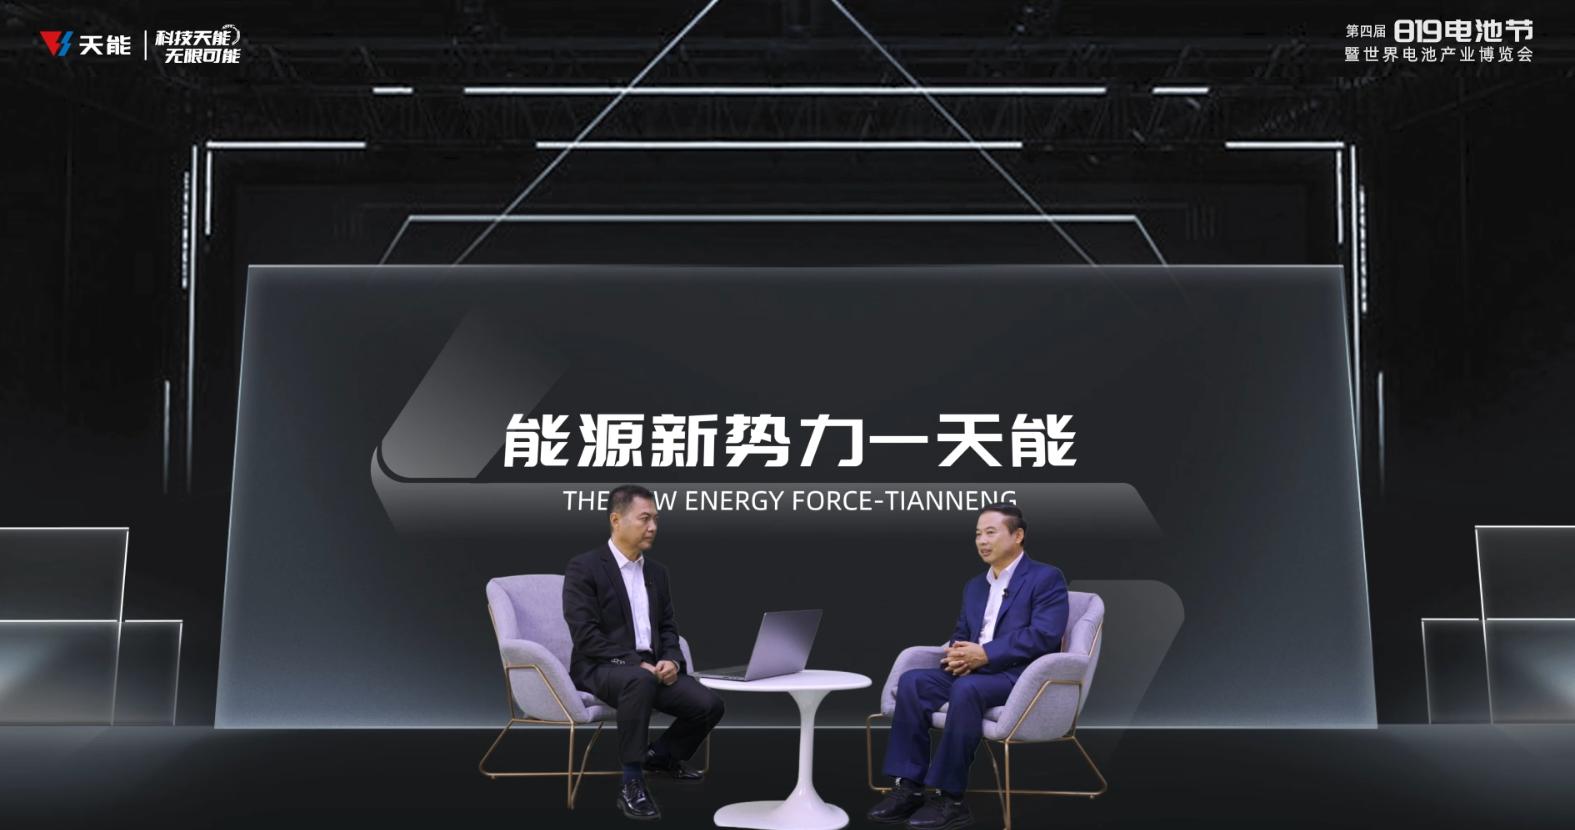 """""""三新""""蓝图+五大应用场景布局,新能源赛道上天能已经领跑!"""